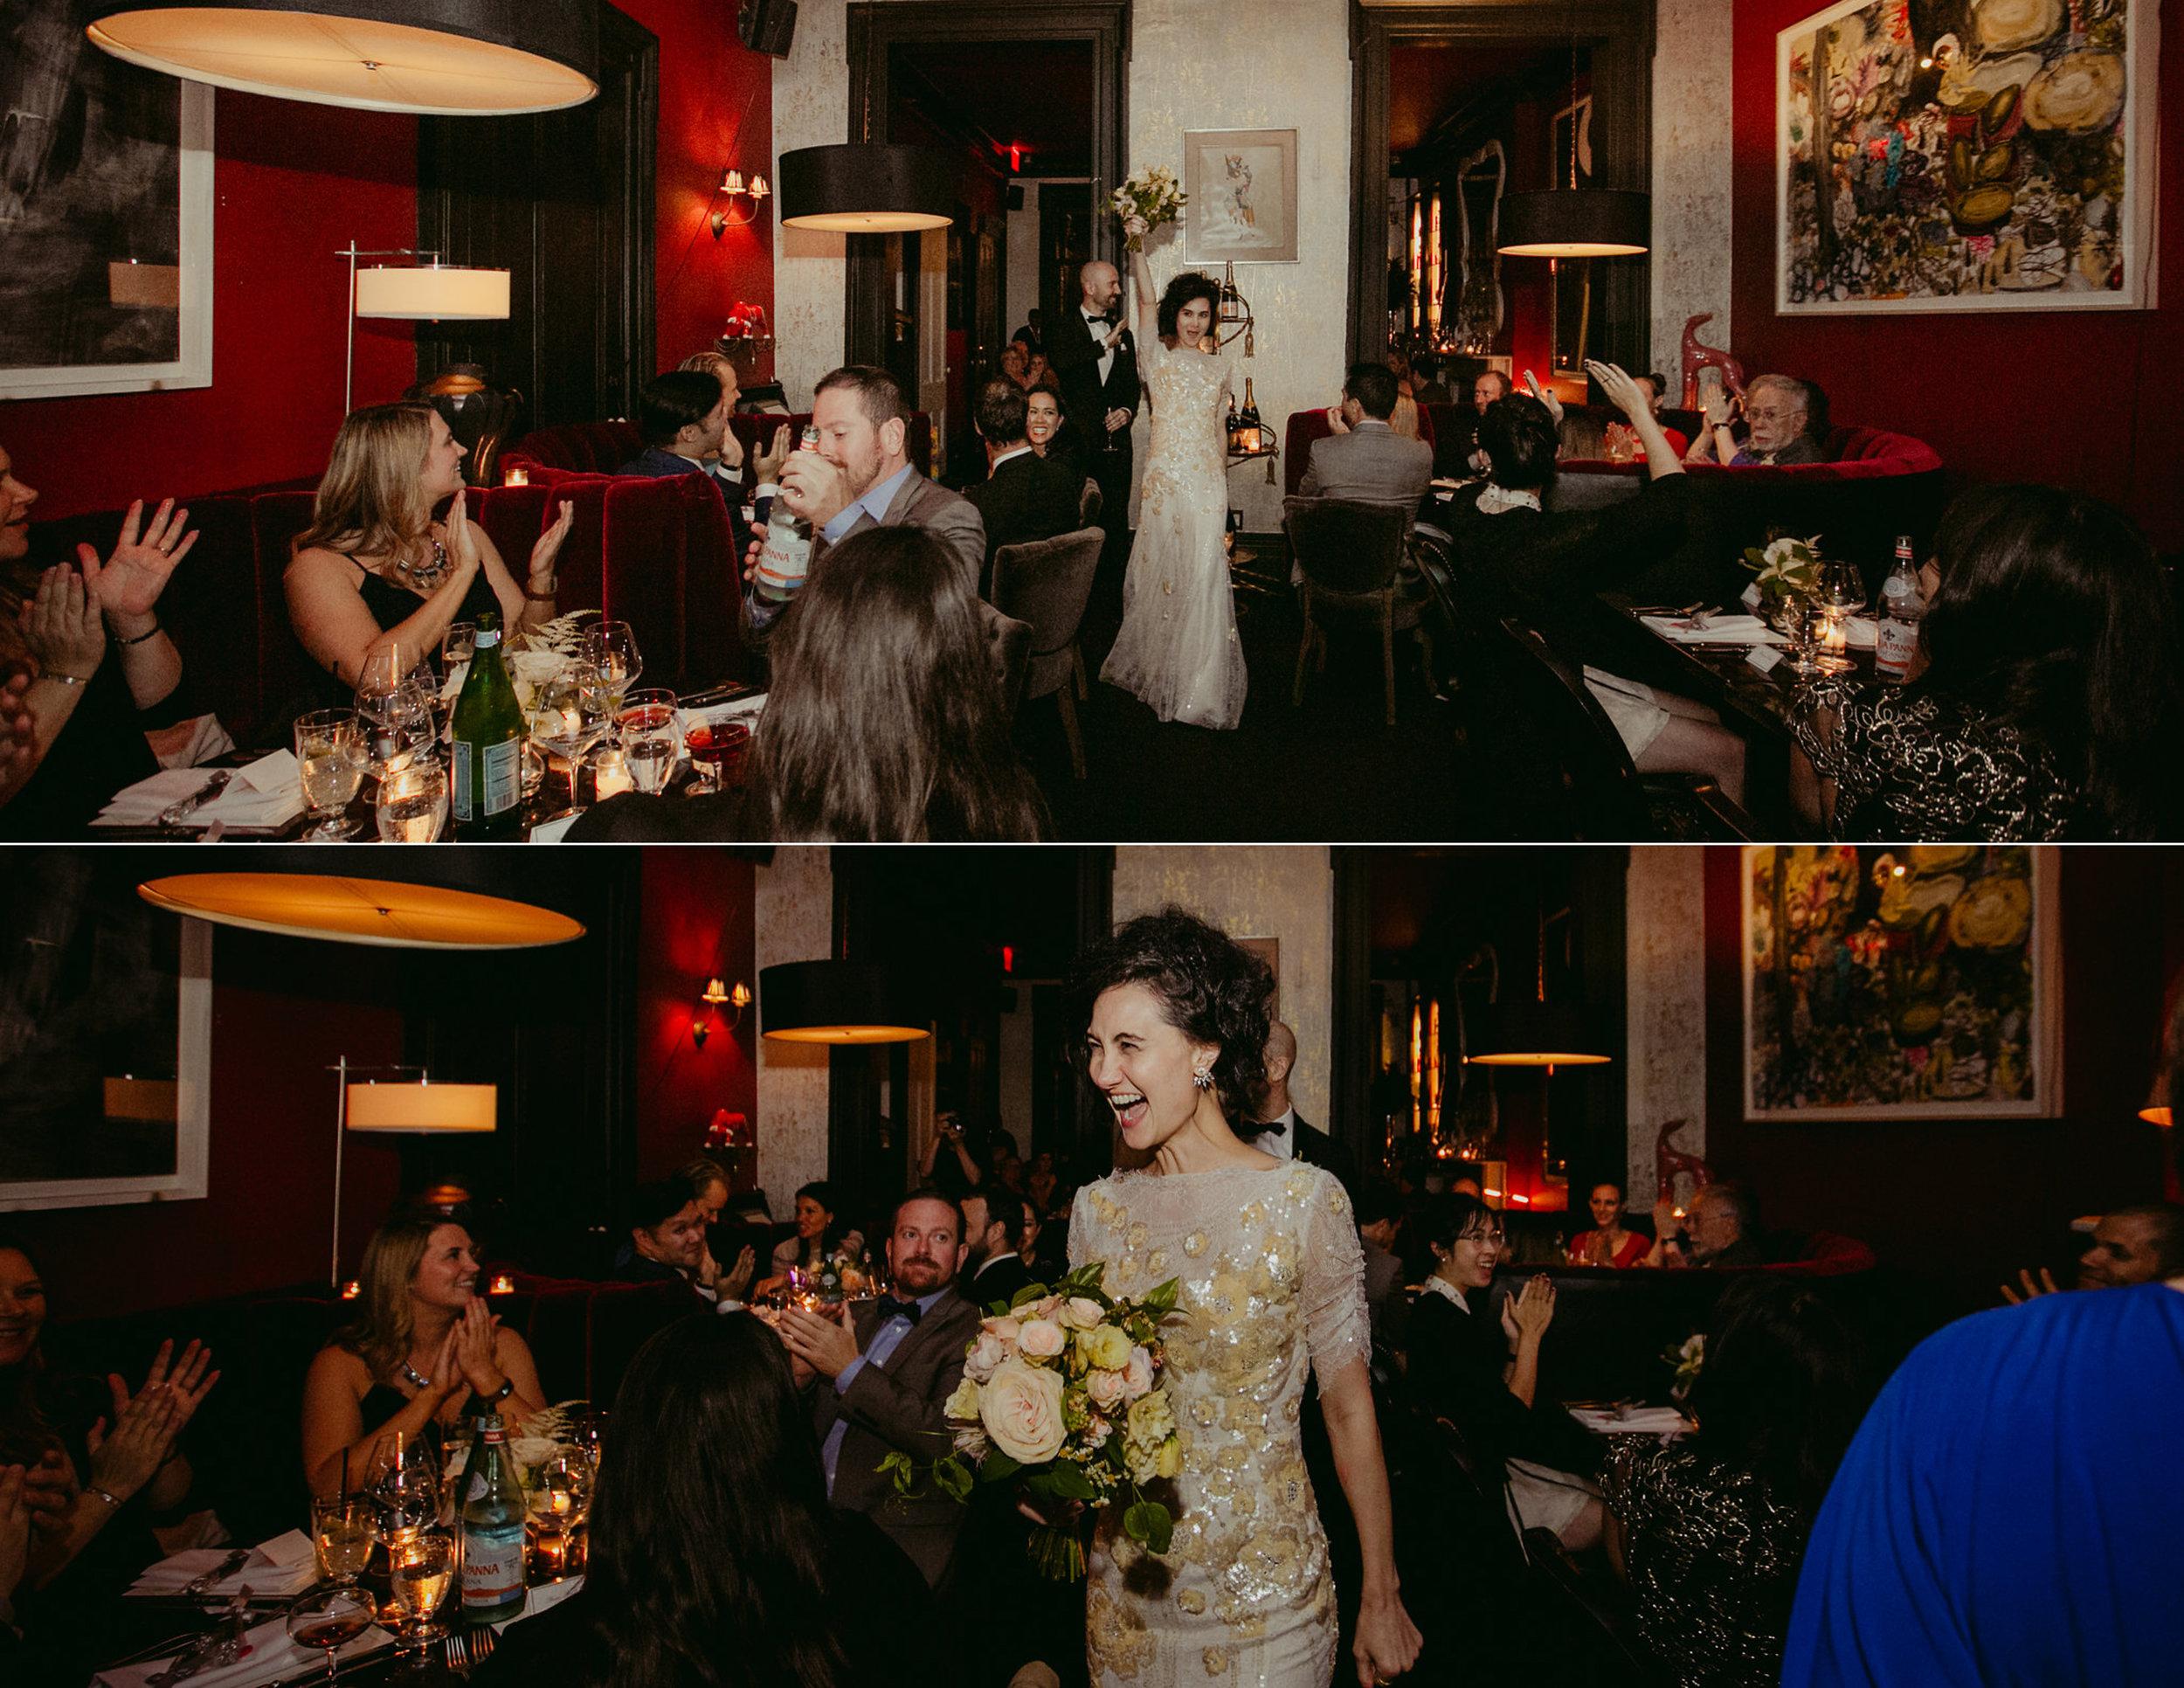 norwood_club_nyc_wedding_chellise_michael_photography189.JPG